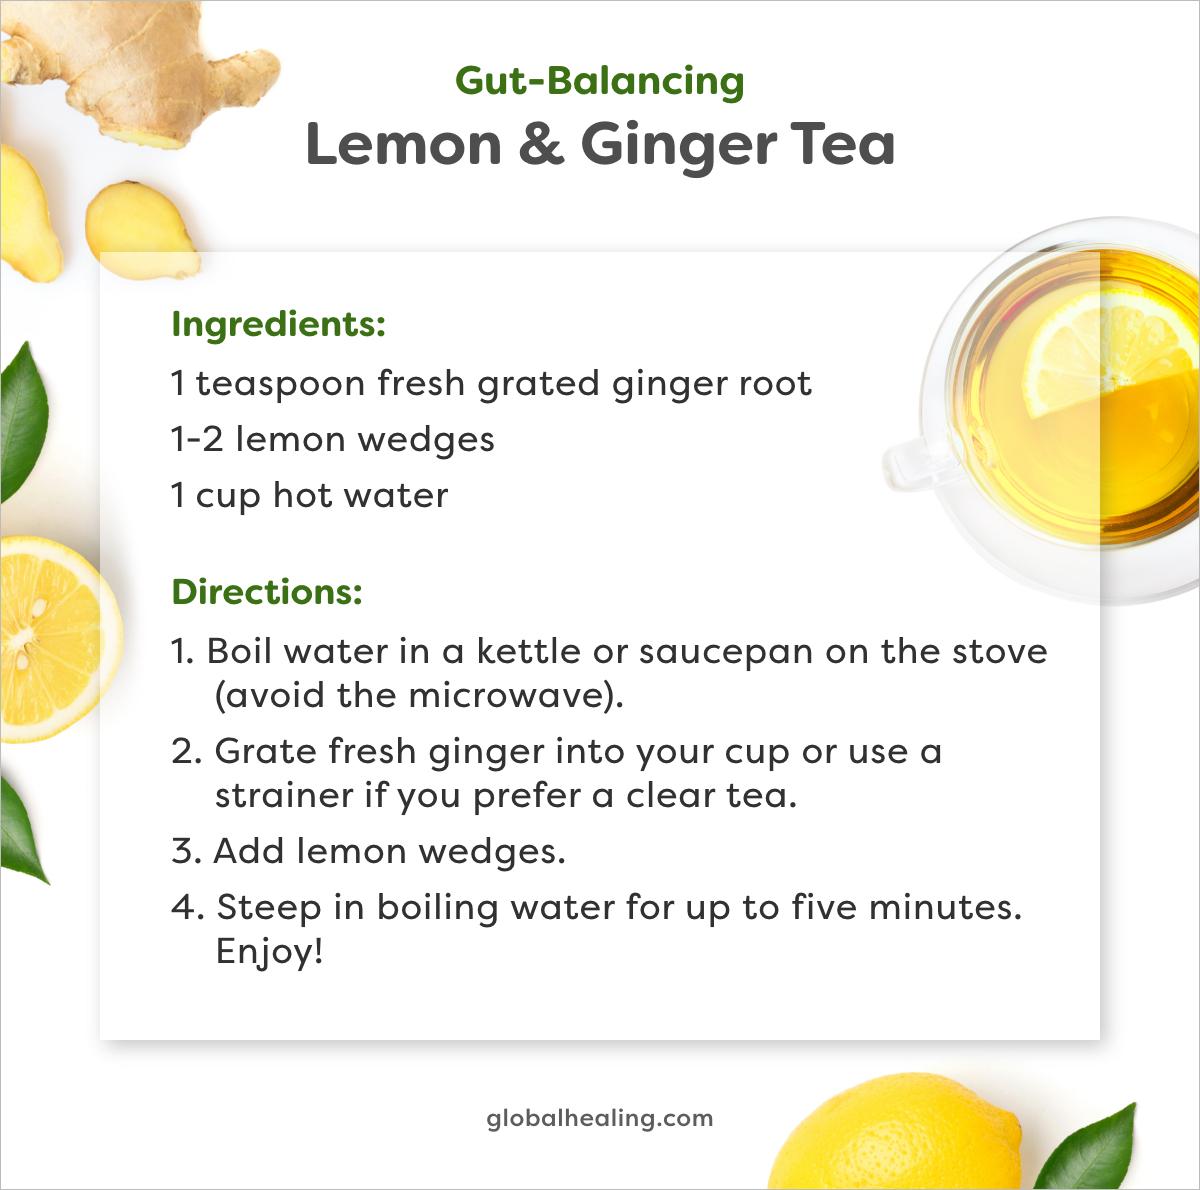 Lemon and Ginger tea recipe